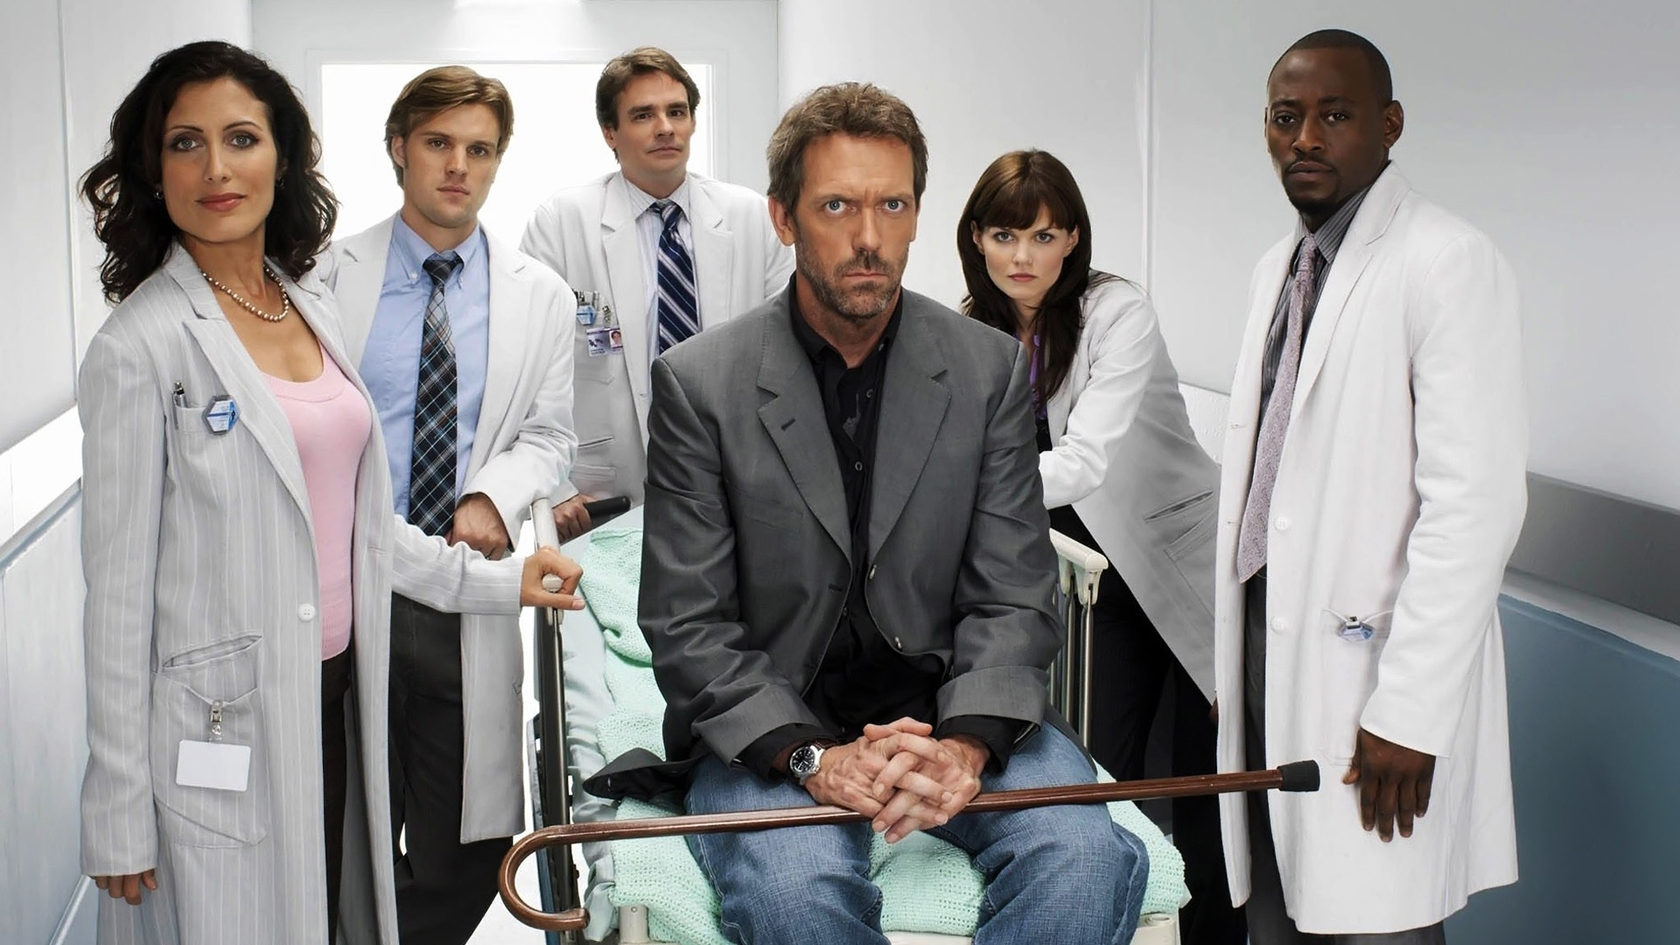 Докторы под присмотром